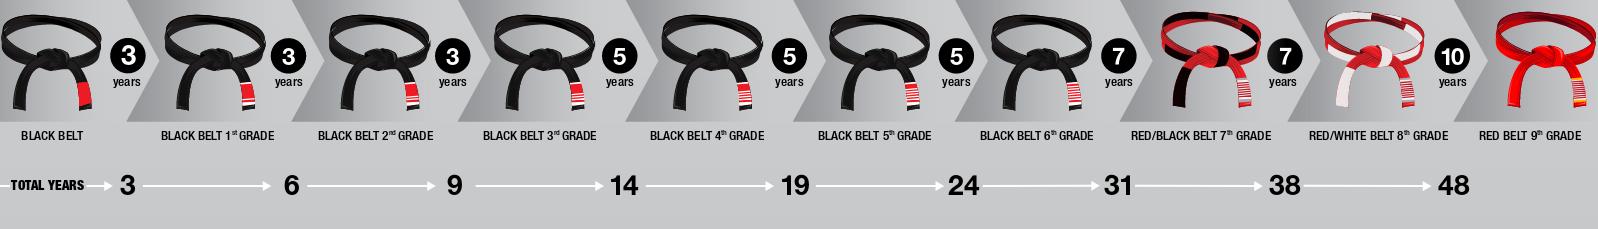 Degrés ceinture noire JJB